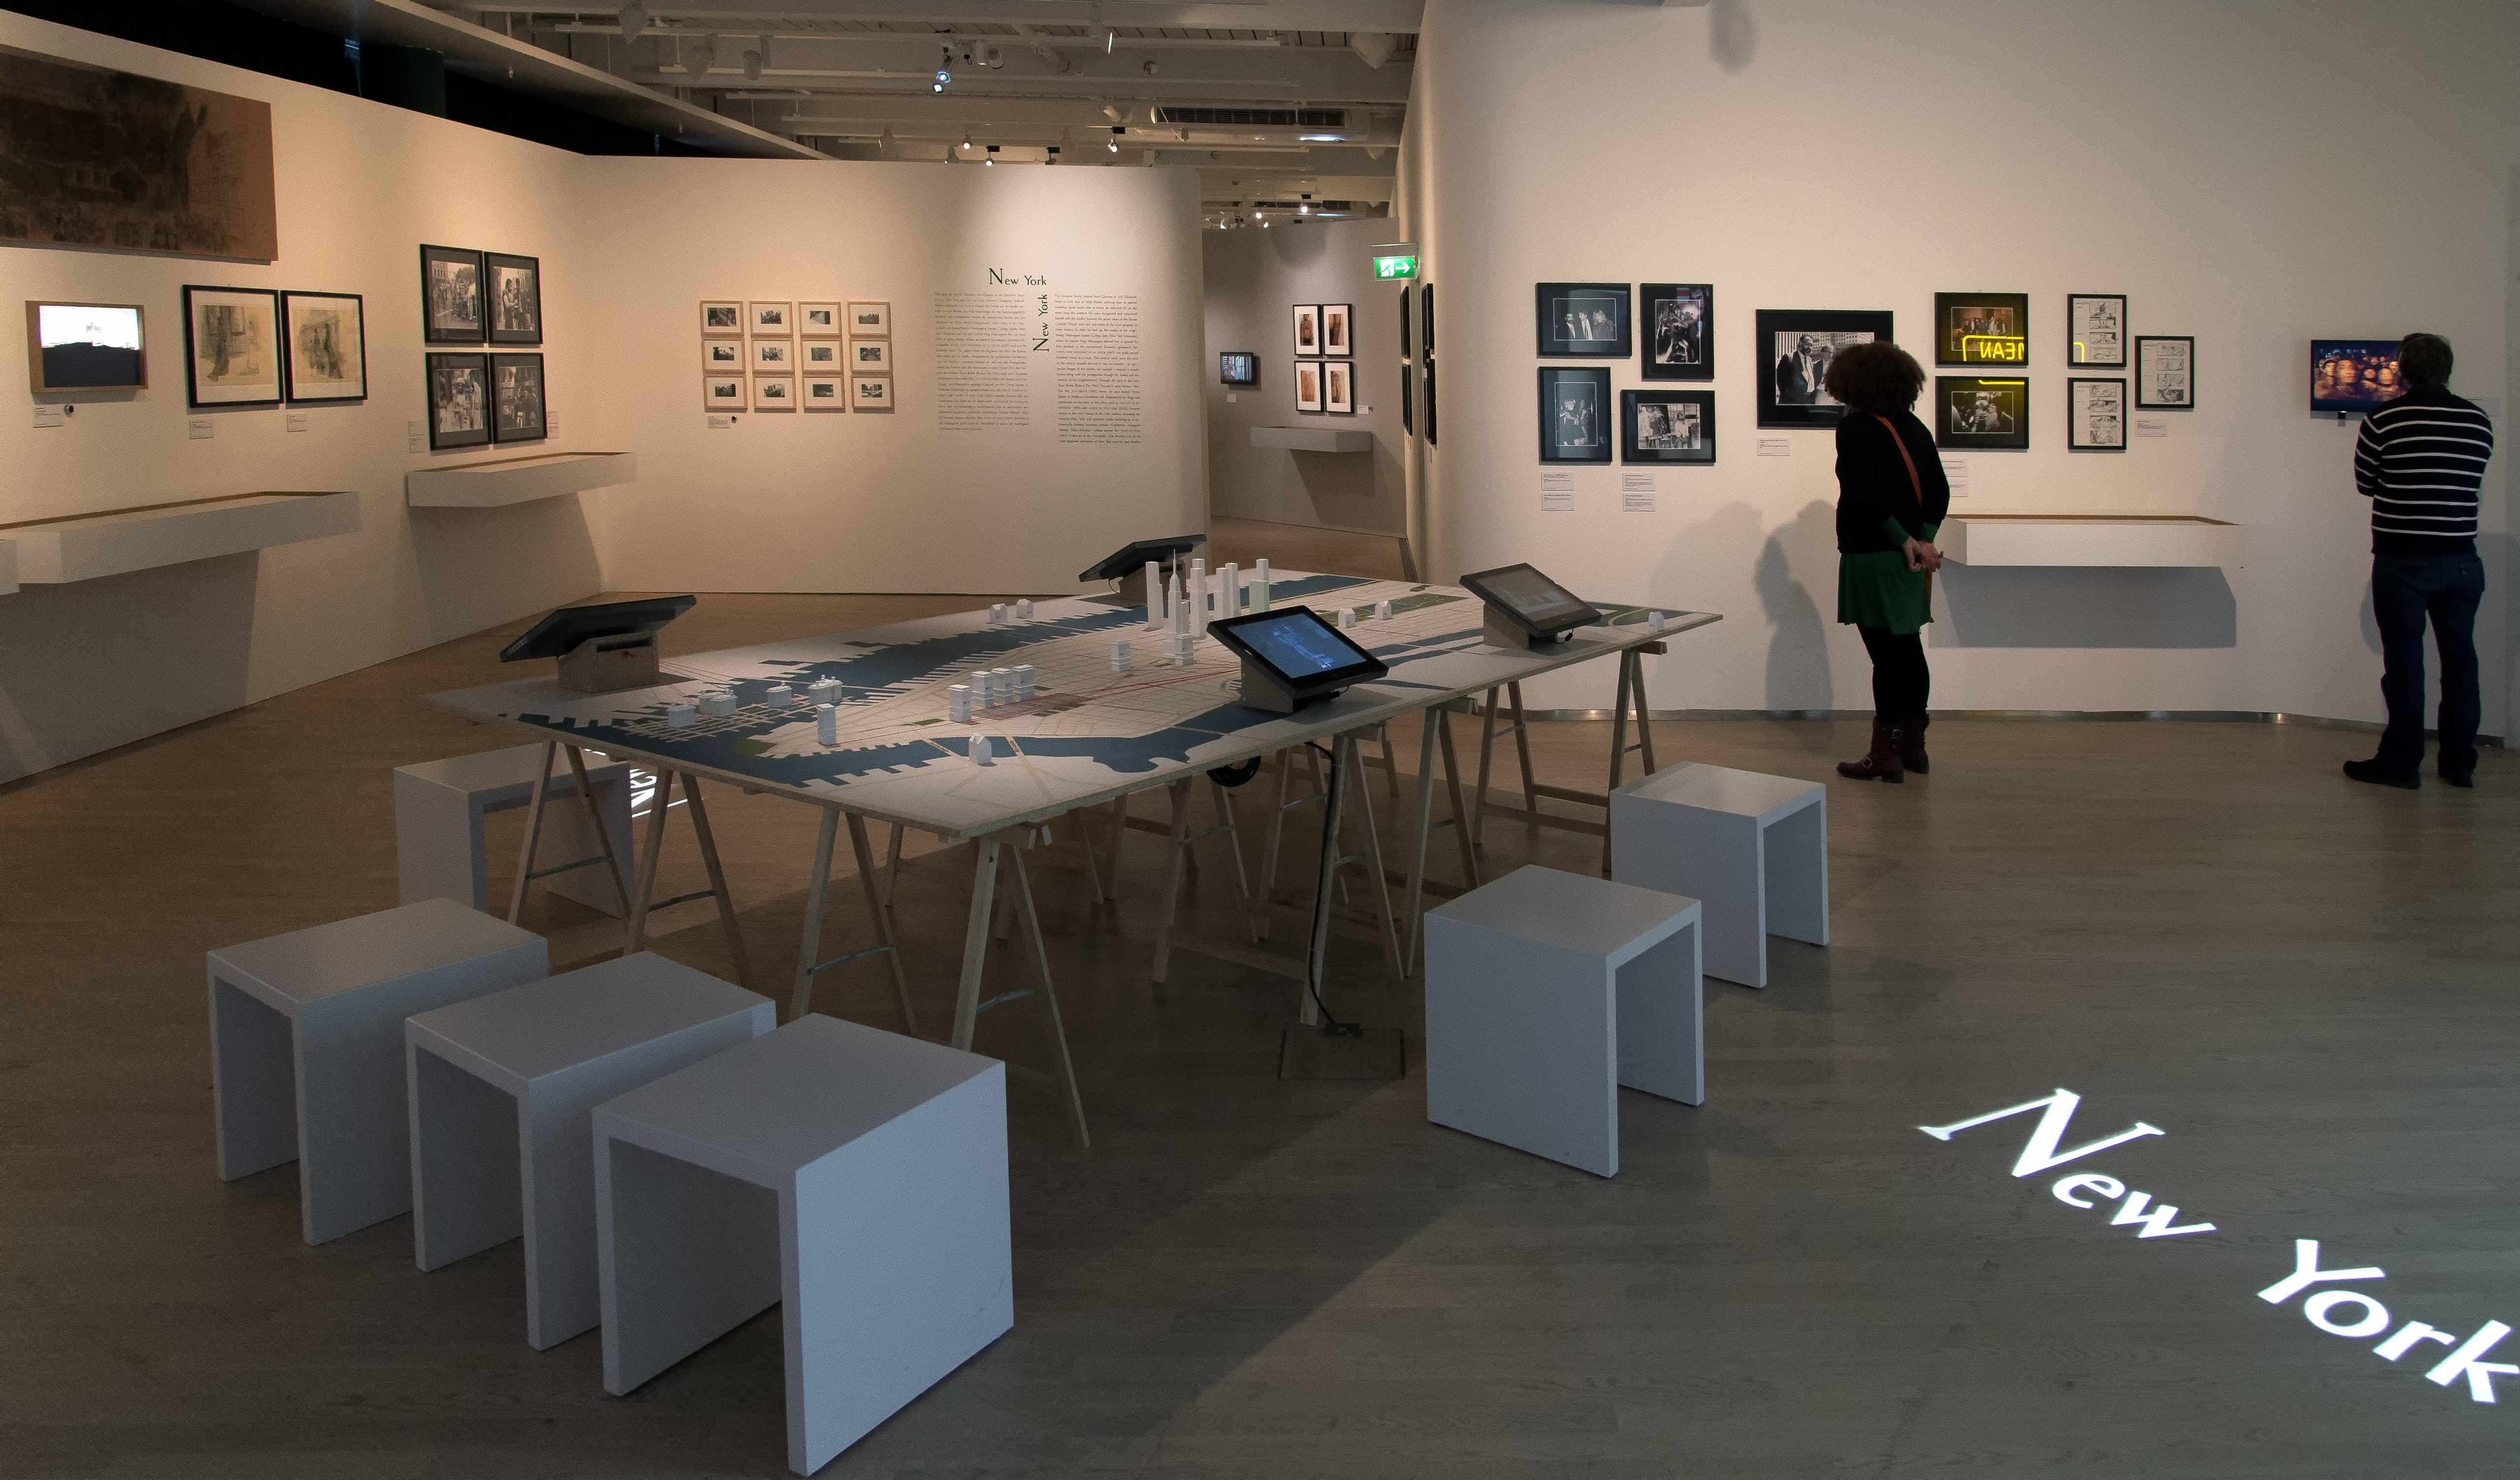 """Raumansicht der Ausstellung """"Martin Scorsese"""", Deutsche Kinemathek, Berlin"""